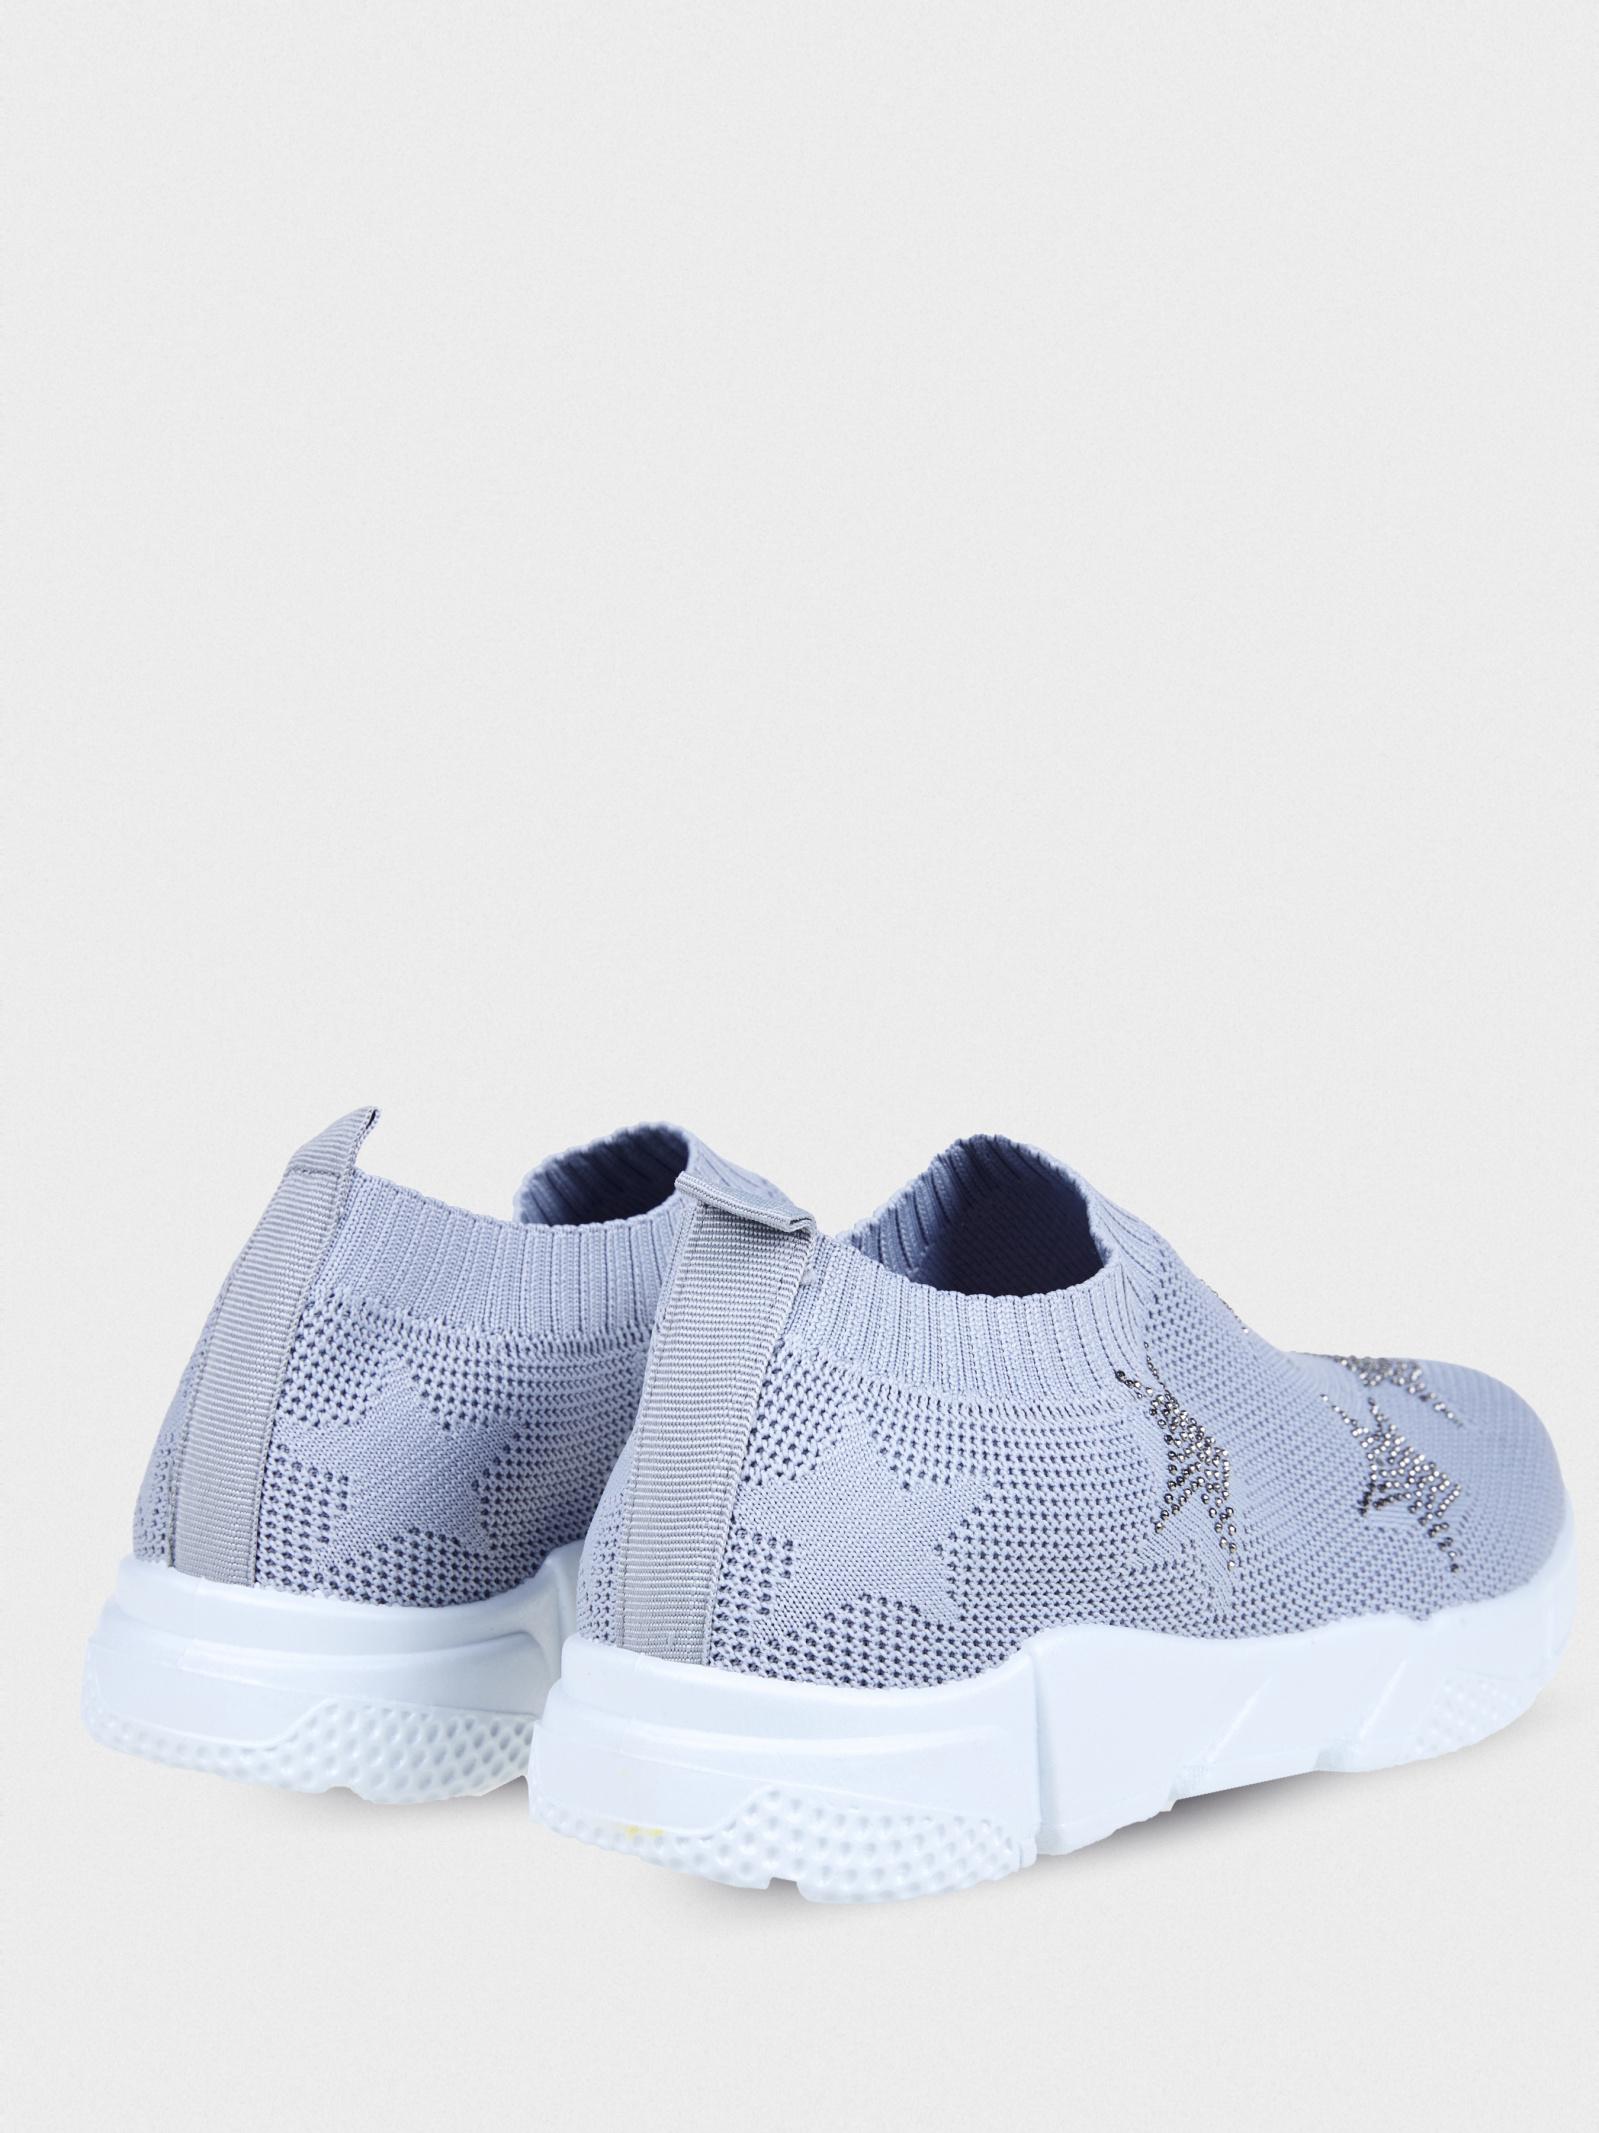 Кросівки  для жінок Crosby 207015/10-02 207015/10-02 брендове взуття, 2017